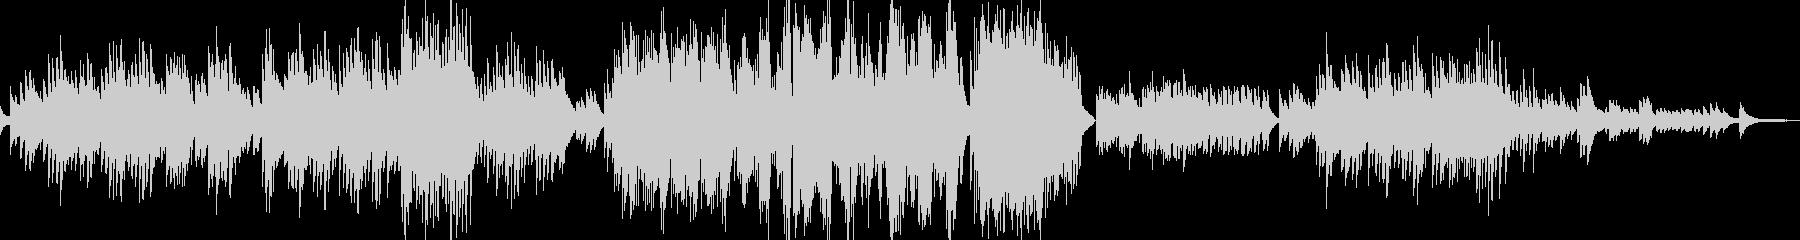 ショパンの別れの曲です。の未再生の波形